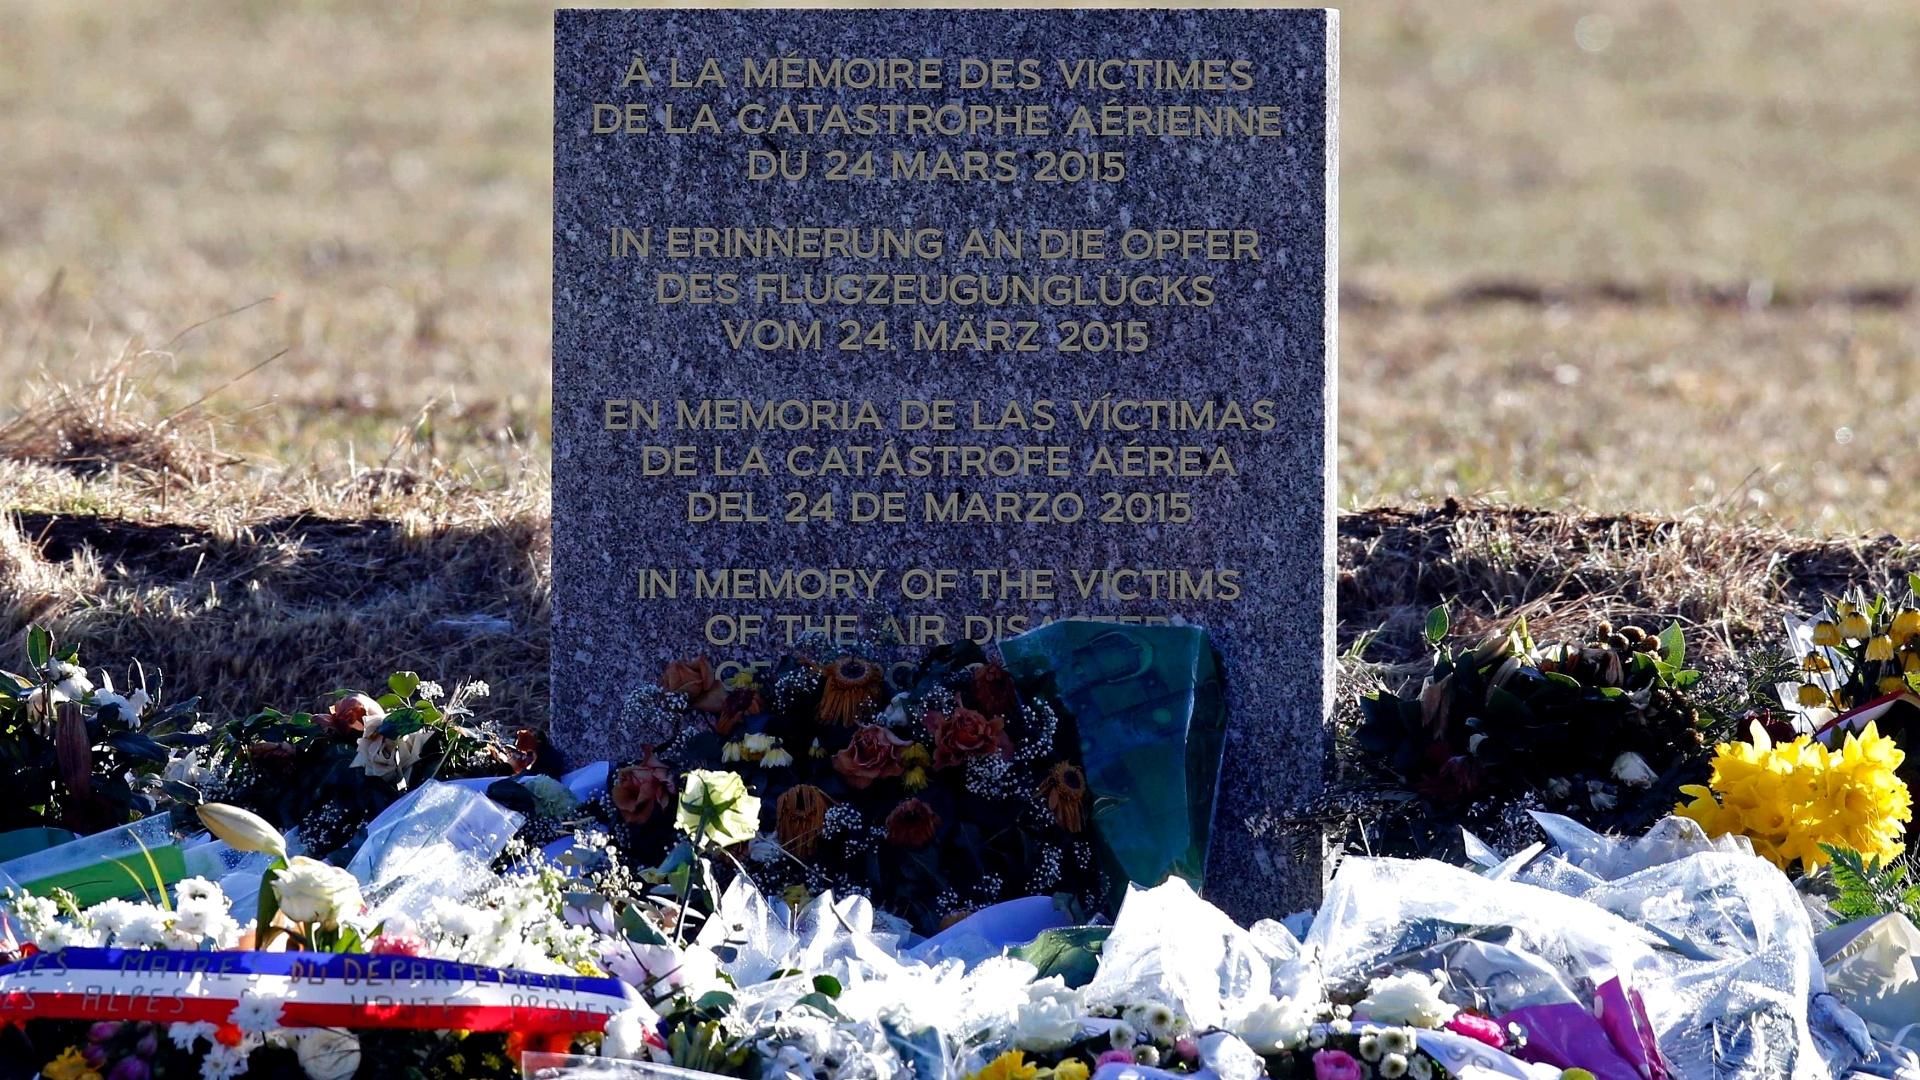 29.mar.2015 - Flores são depositadas neste domingo (29) em memorial montado para as vítimas do desastre aéreo na aldeia francesa de Le Vernet, perto do local do acidente do Airbus A320 da Germanwings. O copiloto suspeito de deliberadamente jogar o avião contra os Alpes franceses estaria sob tratamento psiquiátrico, e planejava 'ser lembrado', disse uma ex-namorada ao jornal alemão